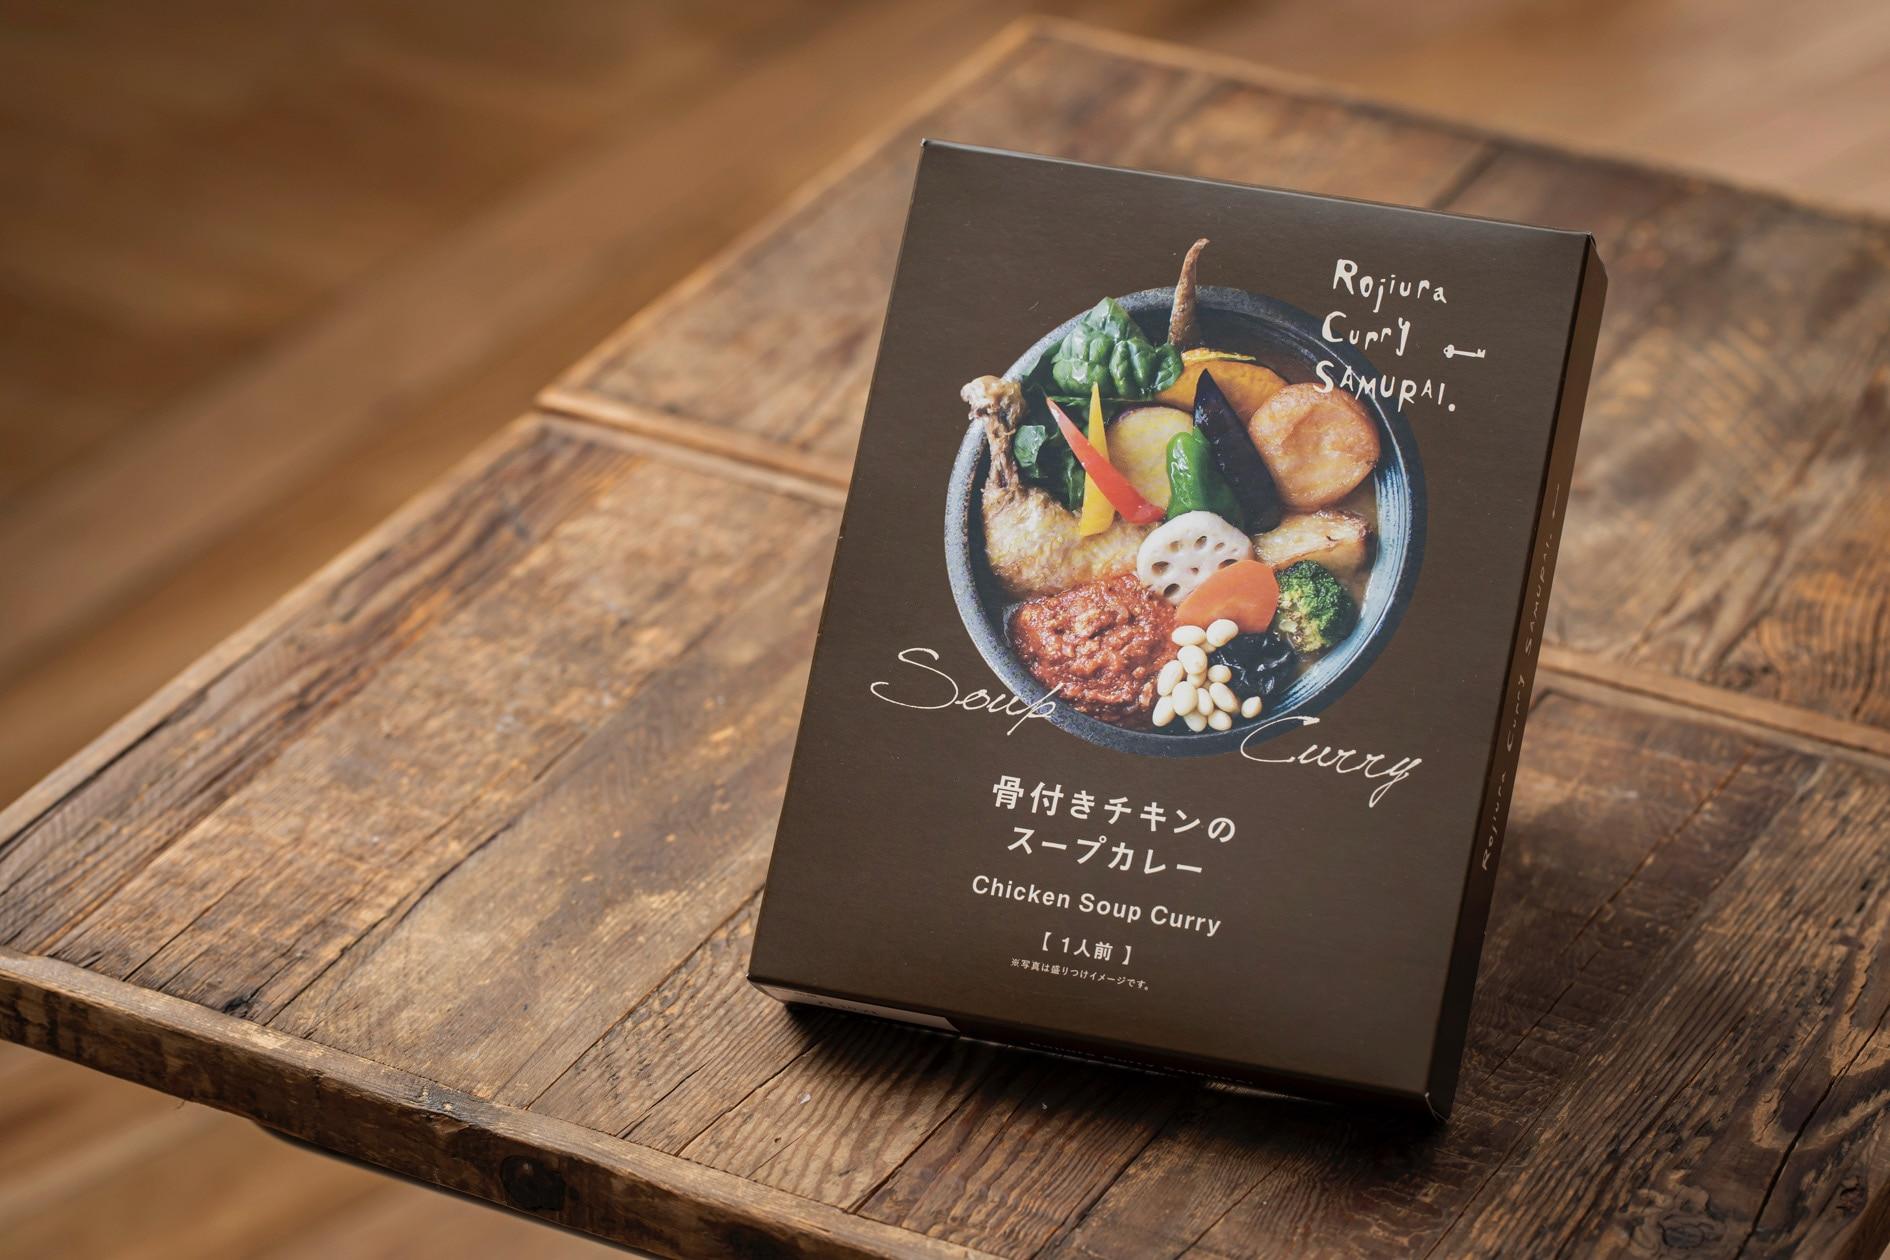 札幌路地裏スープカリィ侍の通販・お取り寄せ骨付きチキンのスープカレー1箱,SAMURAI.レトルトスープカレー